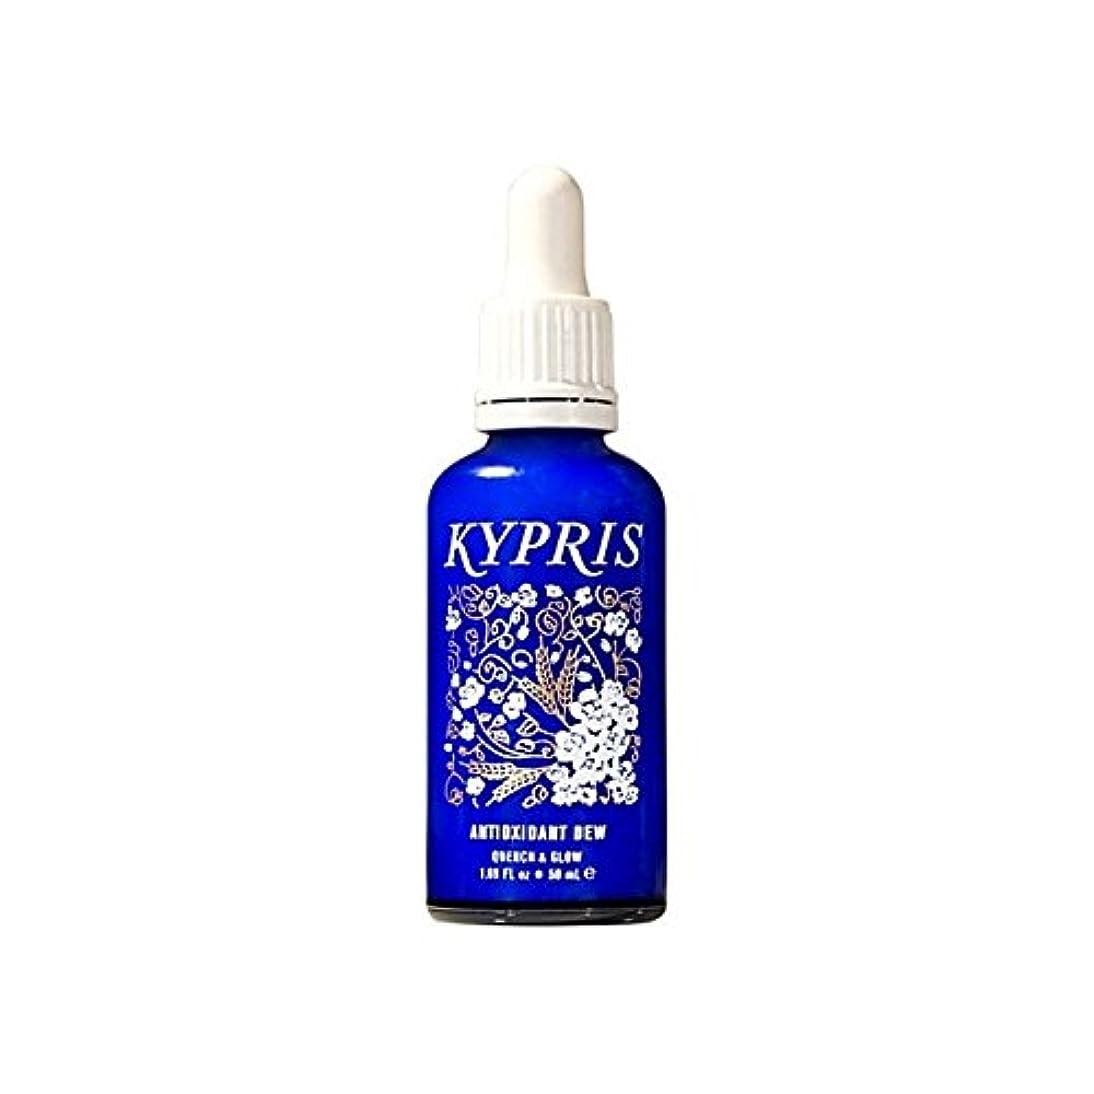 反応する最も遠いはがきKypris Antioxidant Dew 50ml - 抗酸化露の50ミリリットルを [並行輸入品]